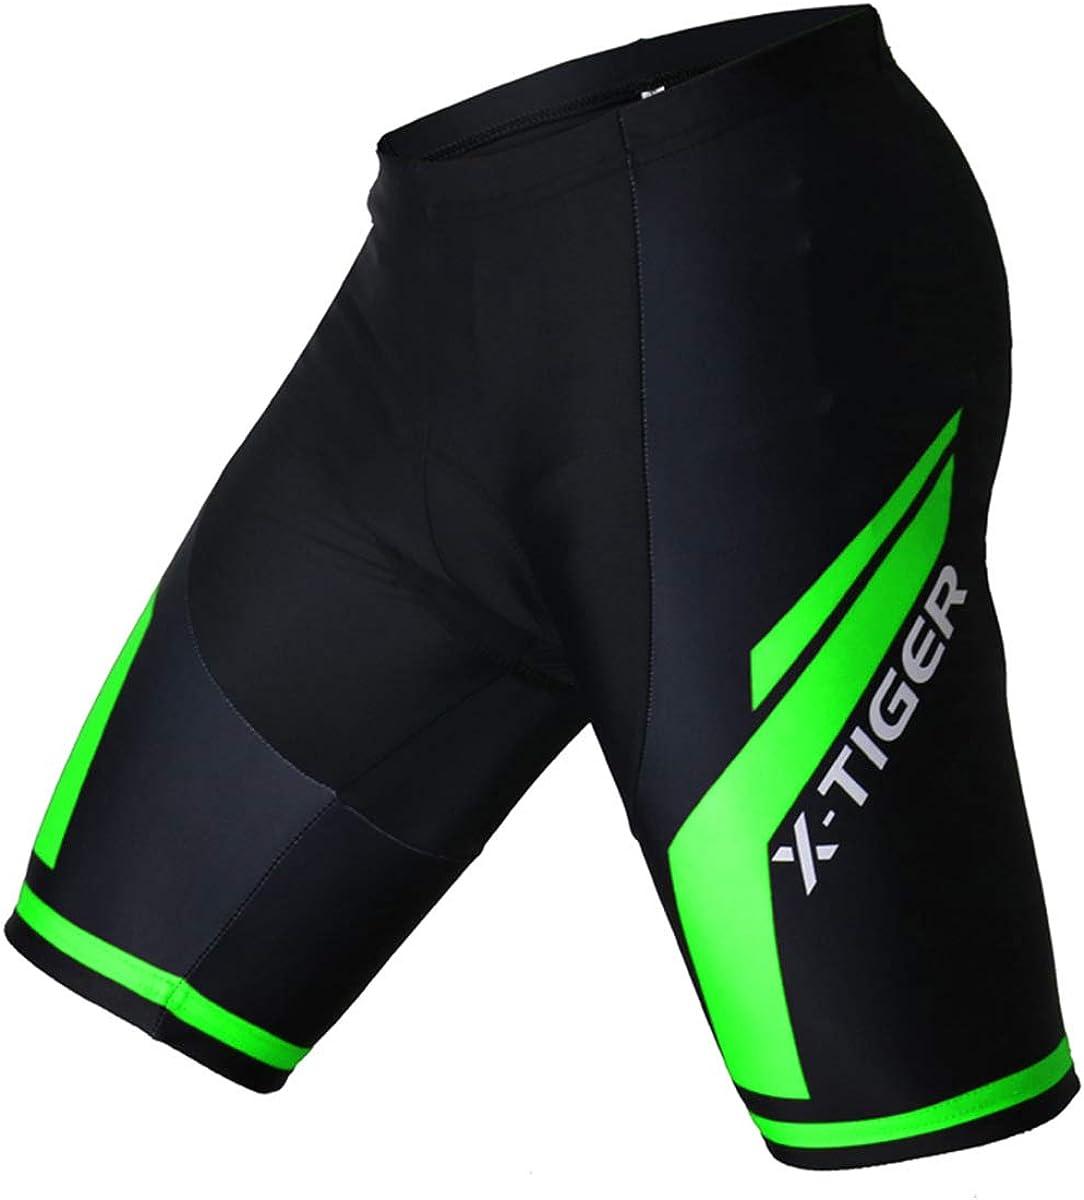 da uomo da ciclismo traspiranti elastici sportivi 3D con imbottitura ad alta densit/à in spugna pantaloncini corti per la bicicletta XGC